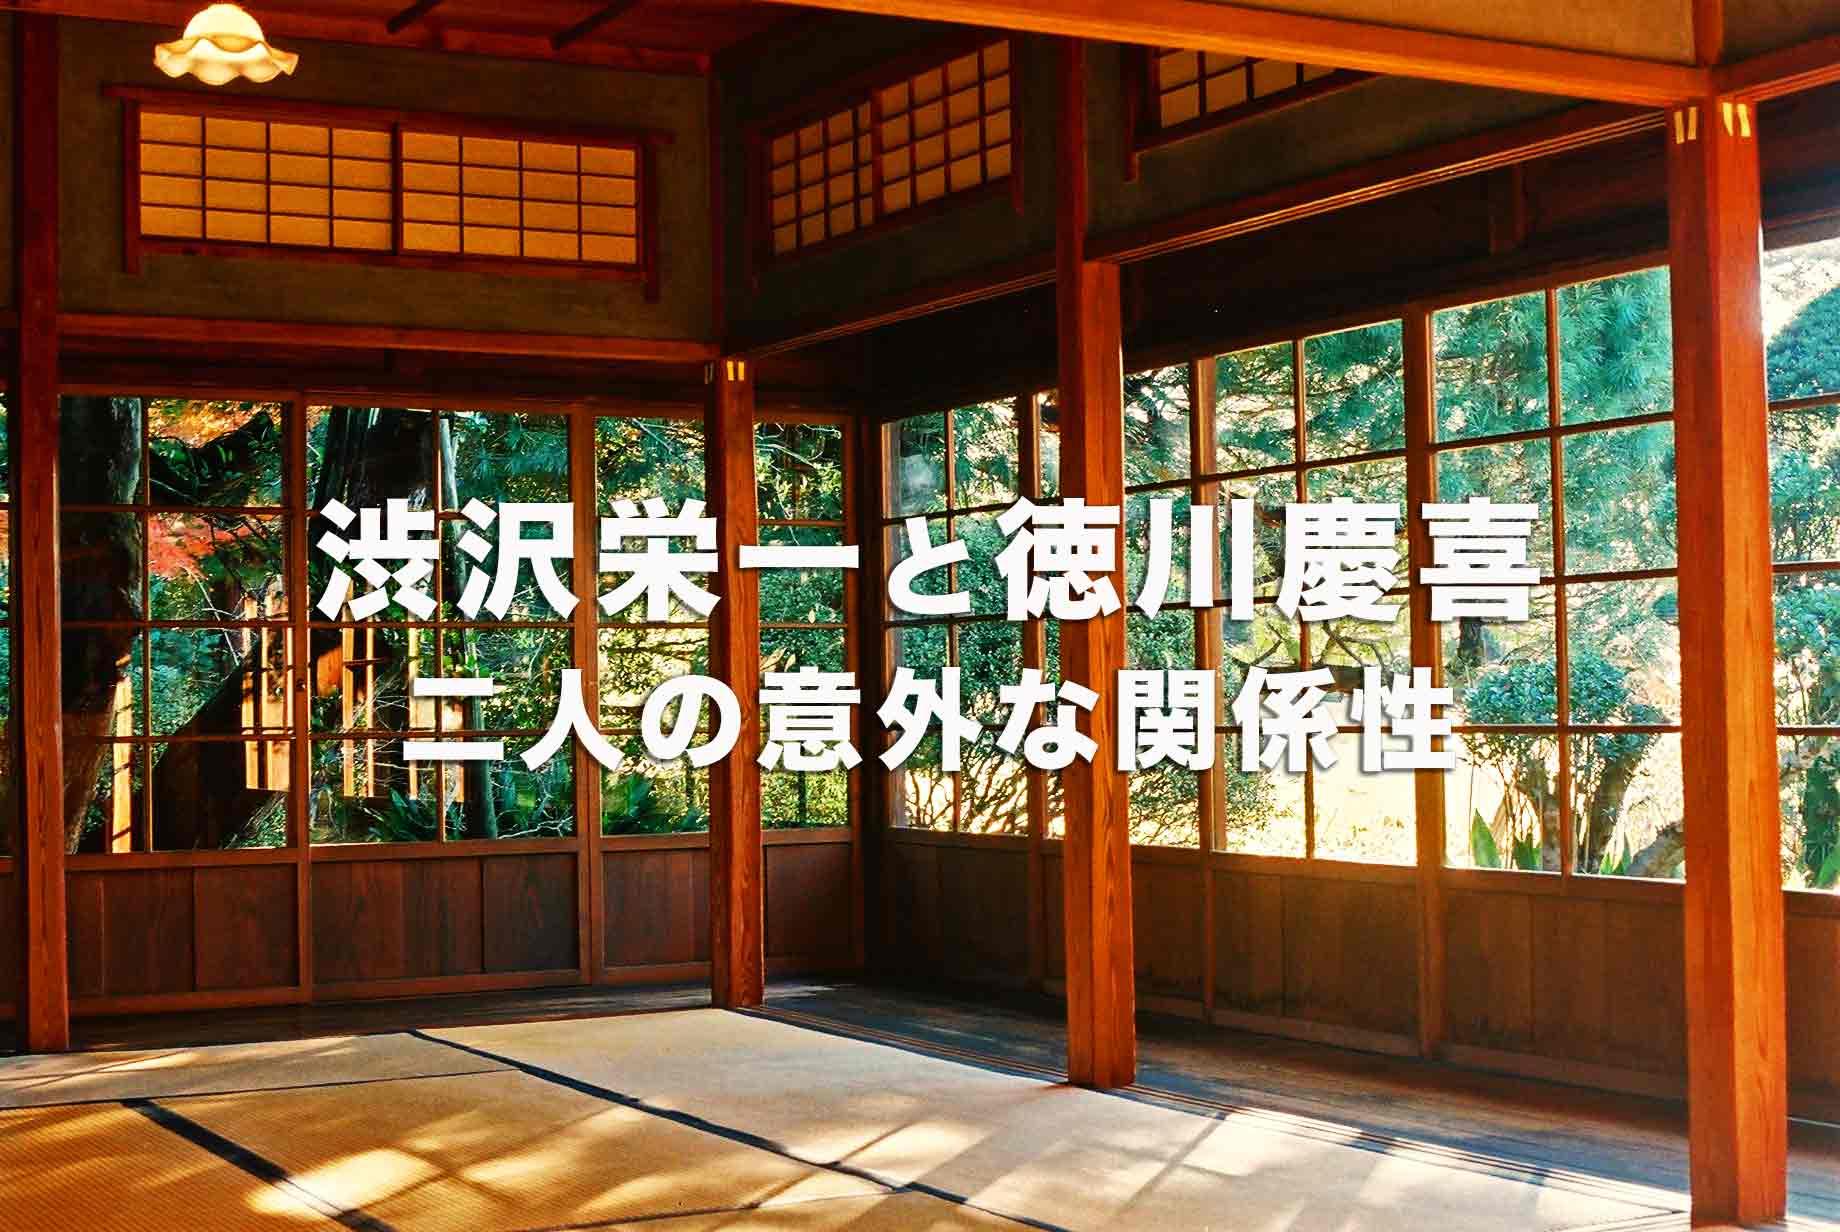 渋沢栄一と徳川慶喜。江戸幕府最後の将軍と、日本資本主義の父の意外な関係